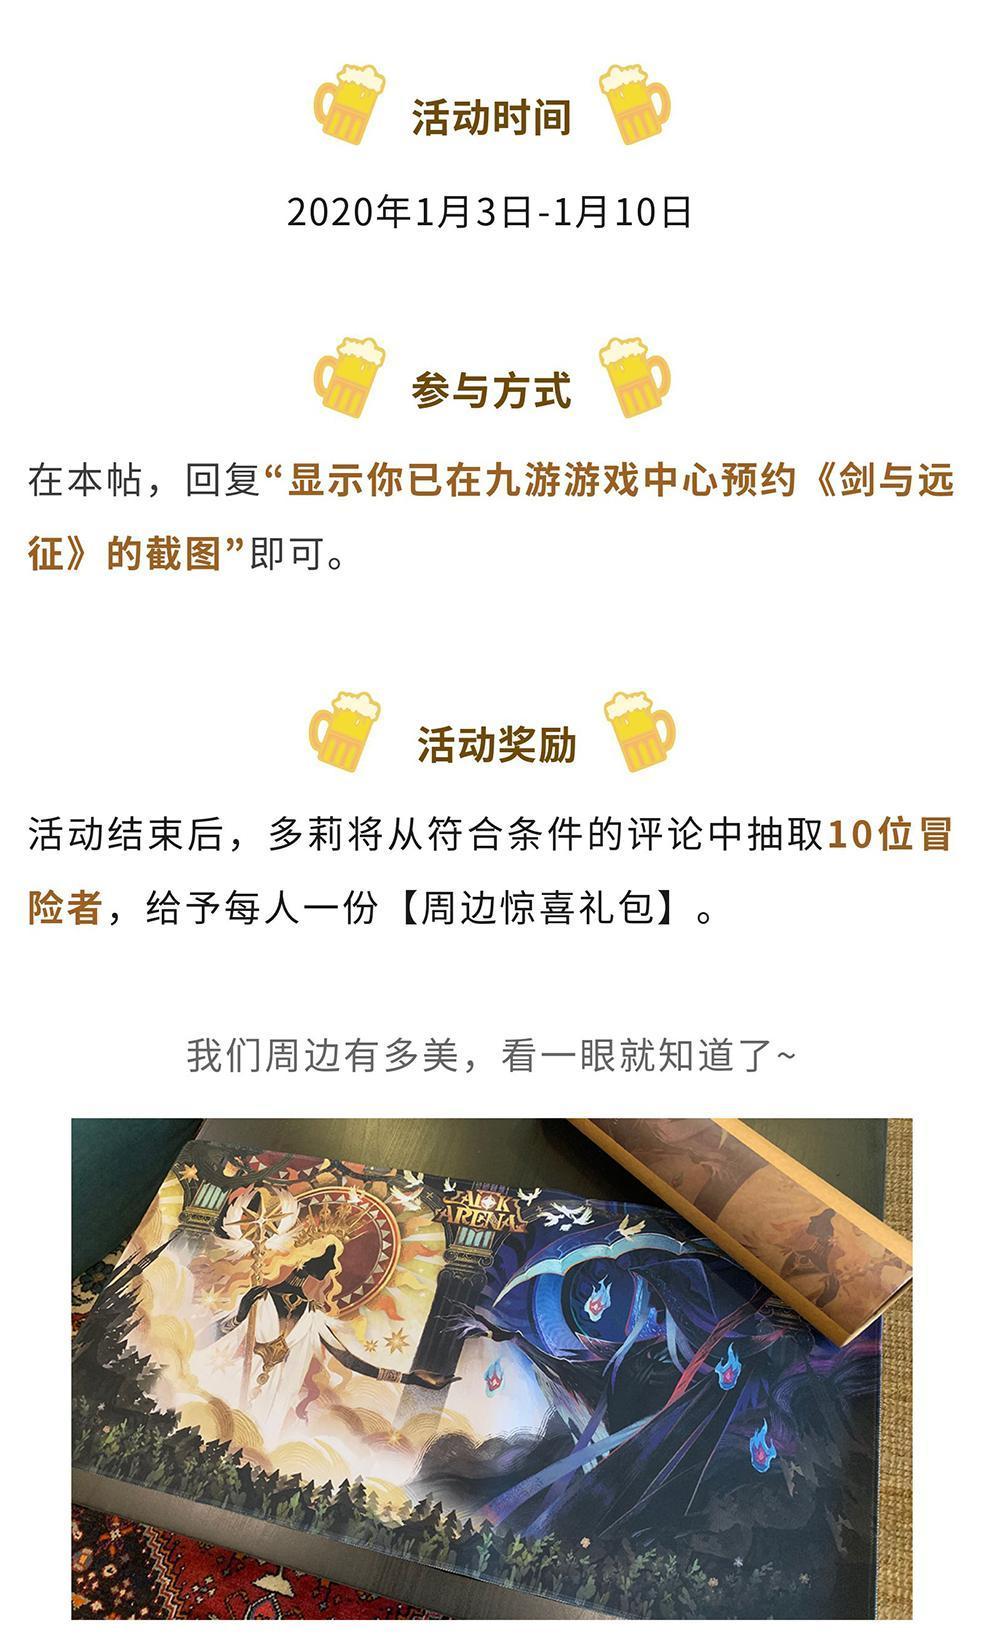 官宣罗志祥s九游_02.jpg